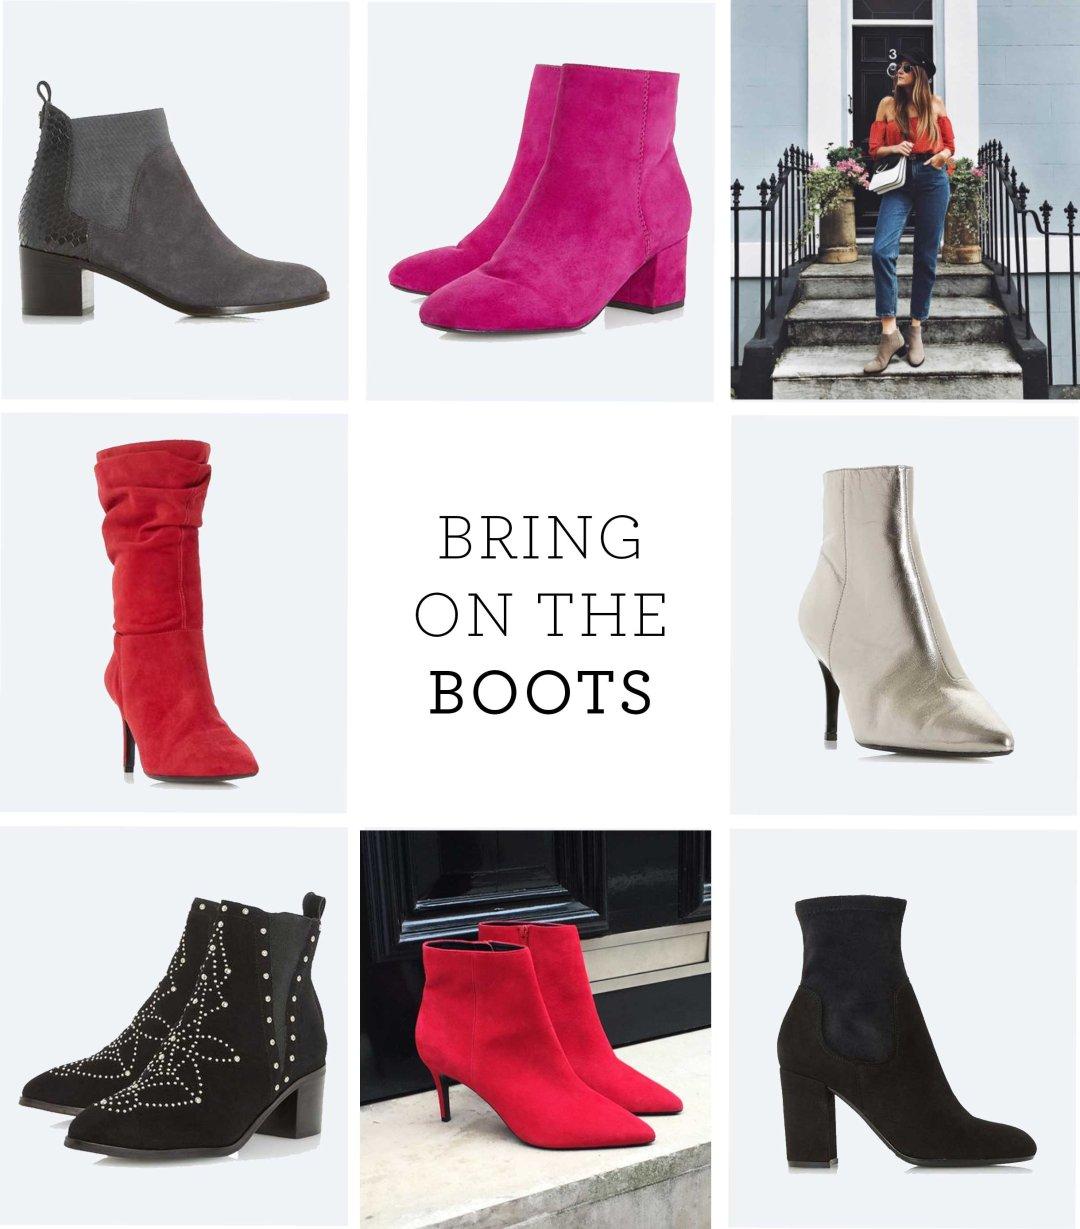 d1de5d75f28 Ladies Must Have Boots | Dune London